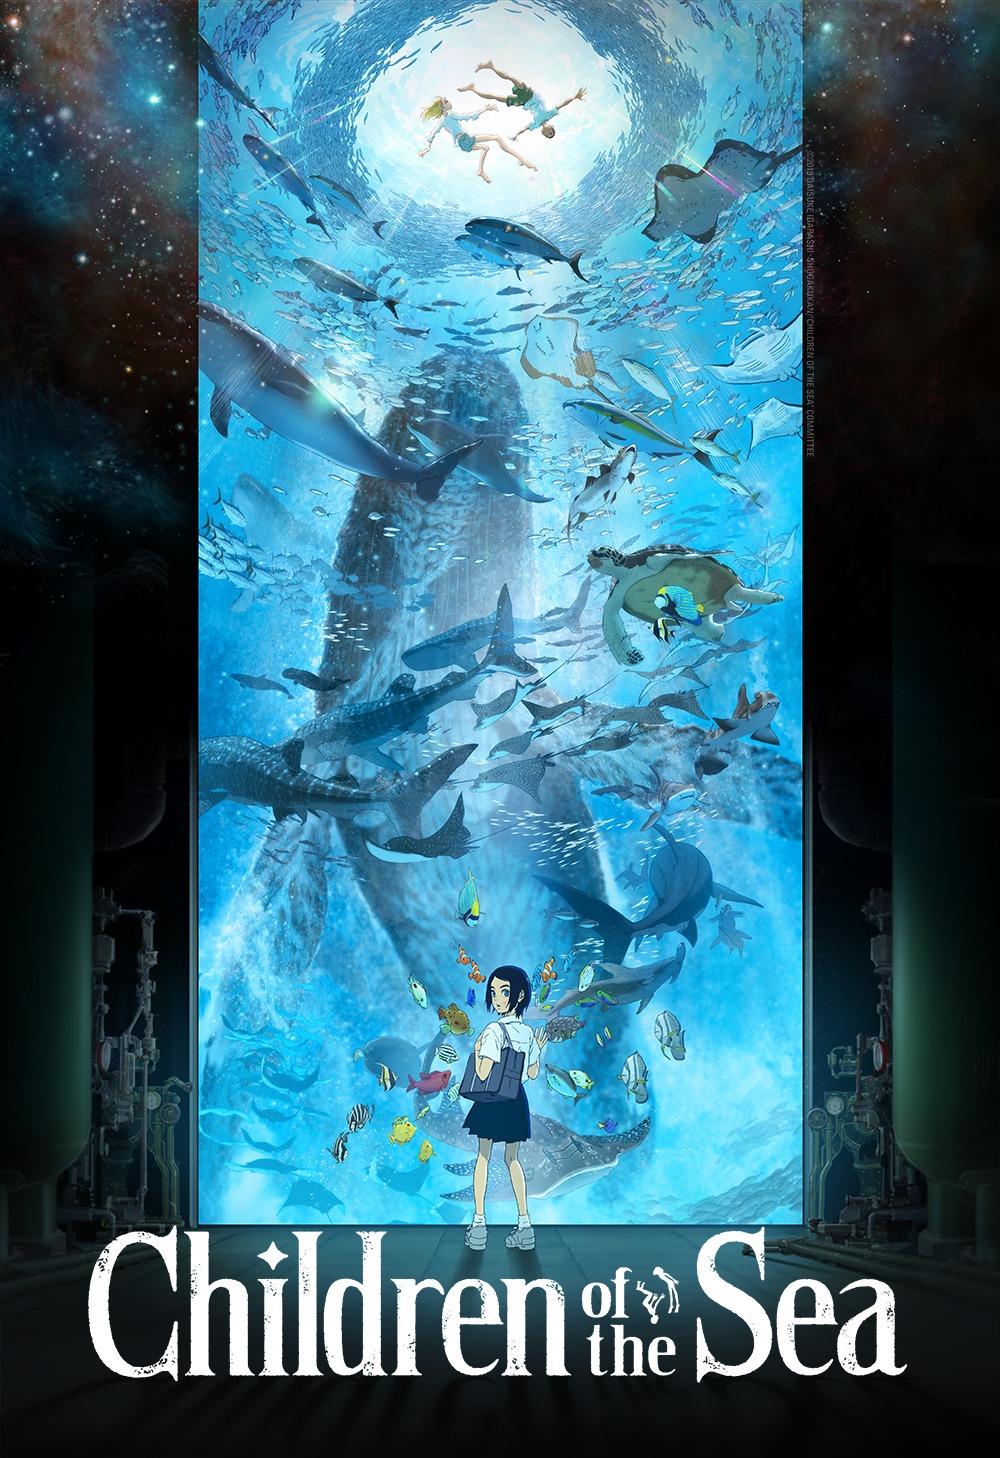 Children of the Sea (Premiere Event)